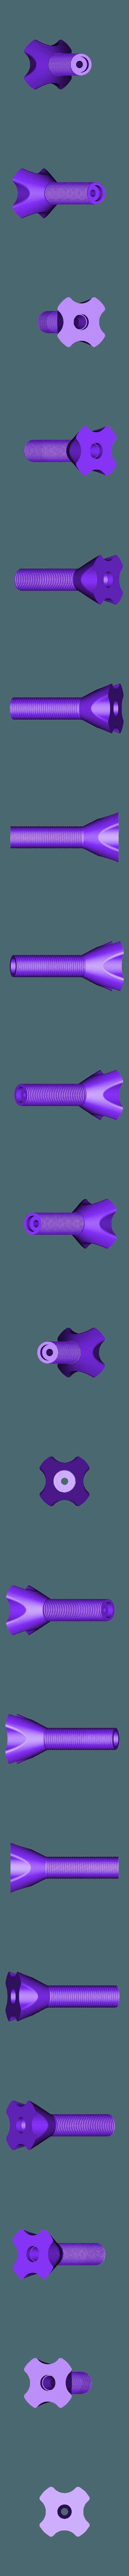 Screw.stl Télécharger fichier STL gratuit Support de bobine • Design pour imprimante 3D, pawlo444444